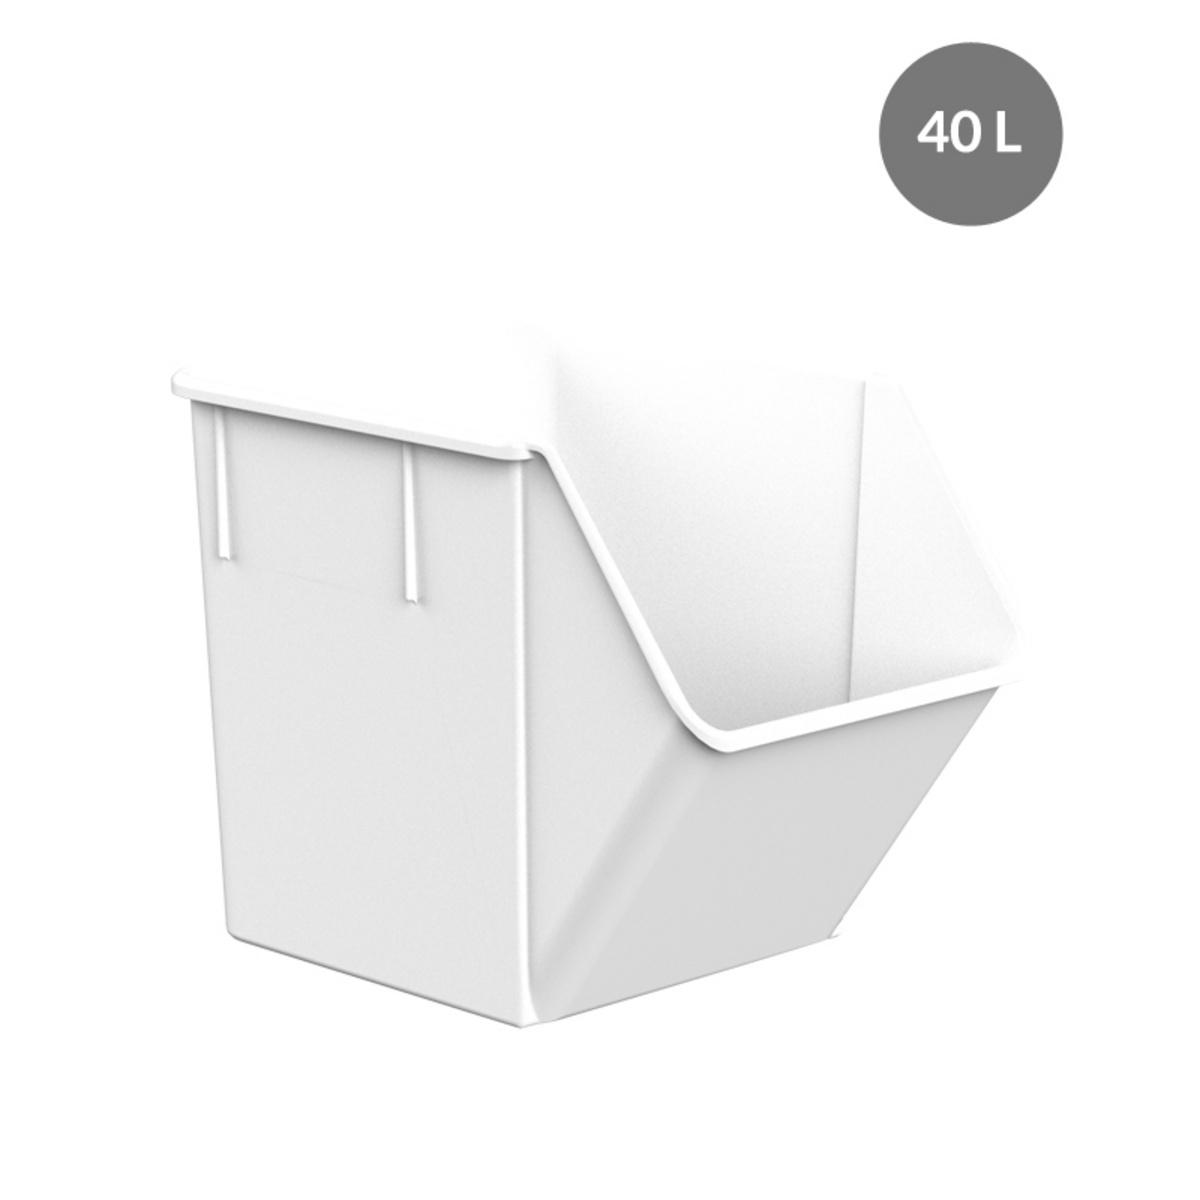 Bac à ingrédients rectangulaire blanc plastique 40 l Gilac